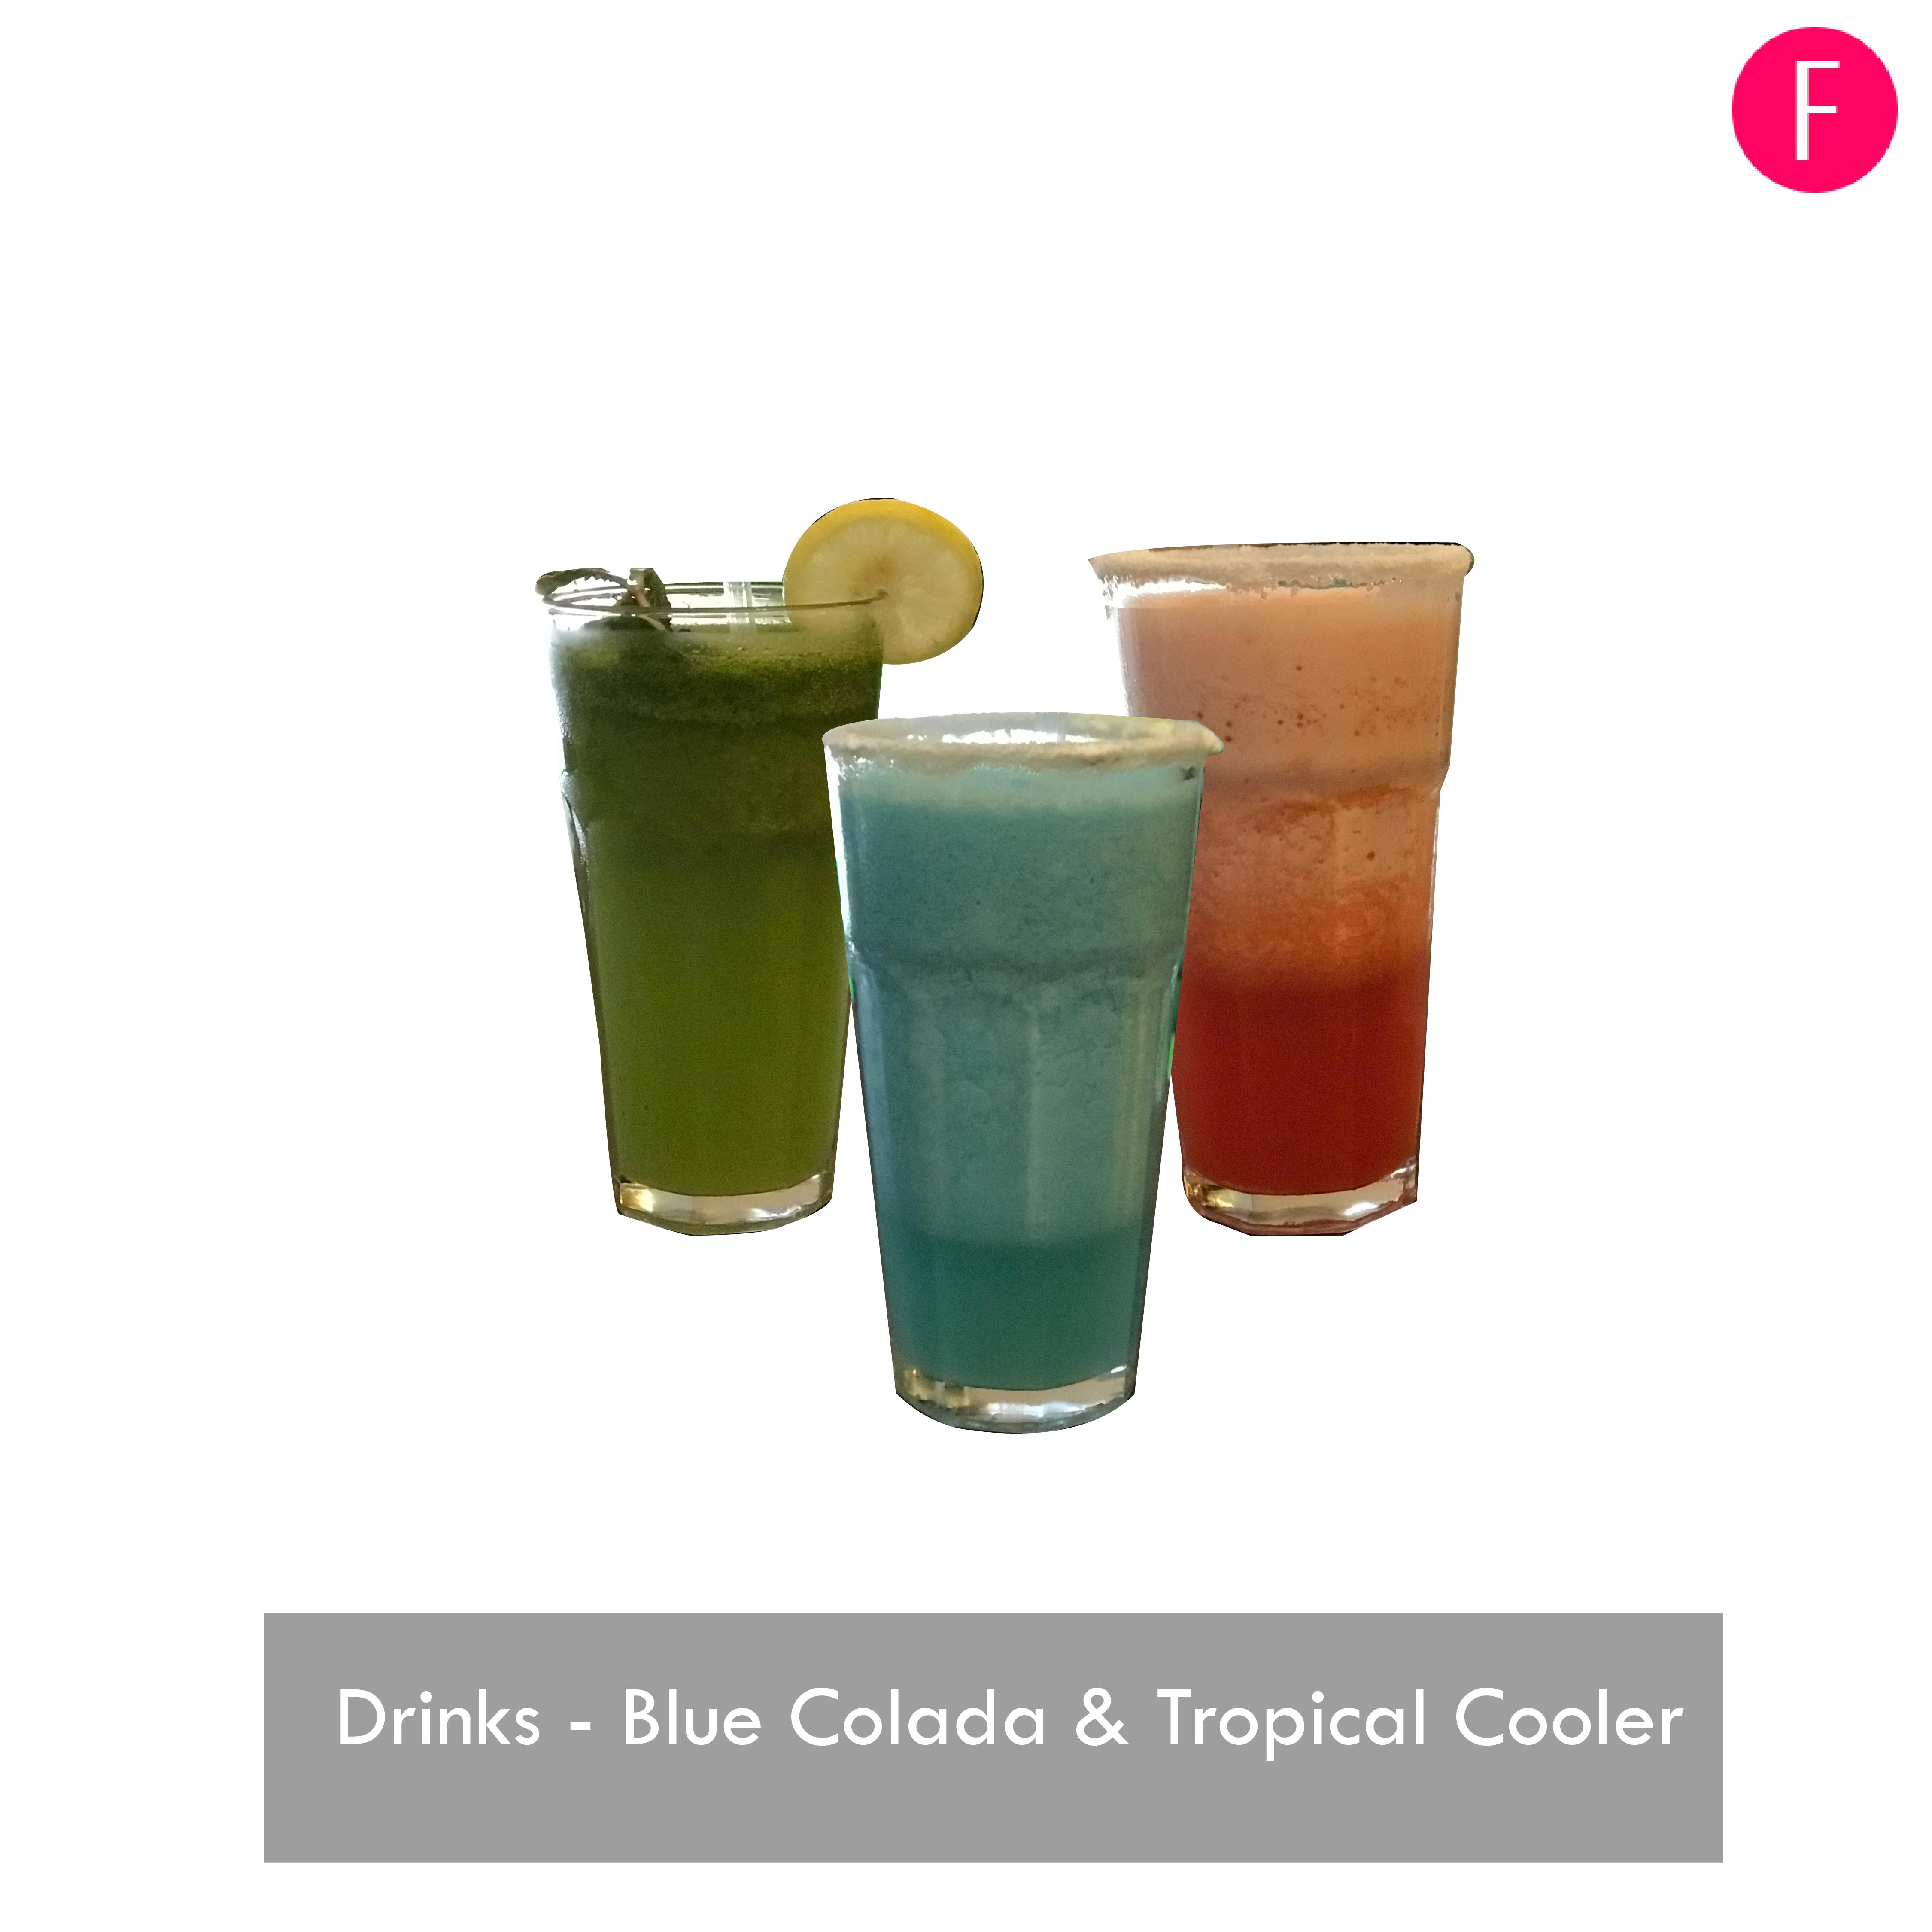 Blue Colada, Tropical Cooler, Vintage Cafe, Cafes in Karachi, Summer Drinks